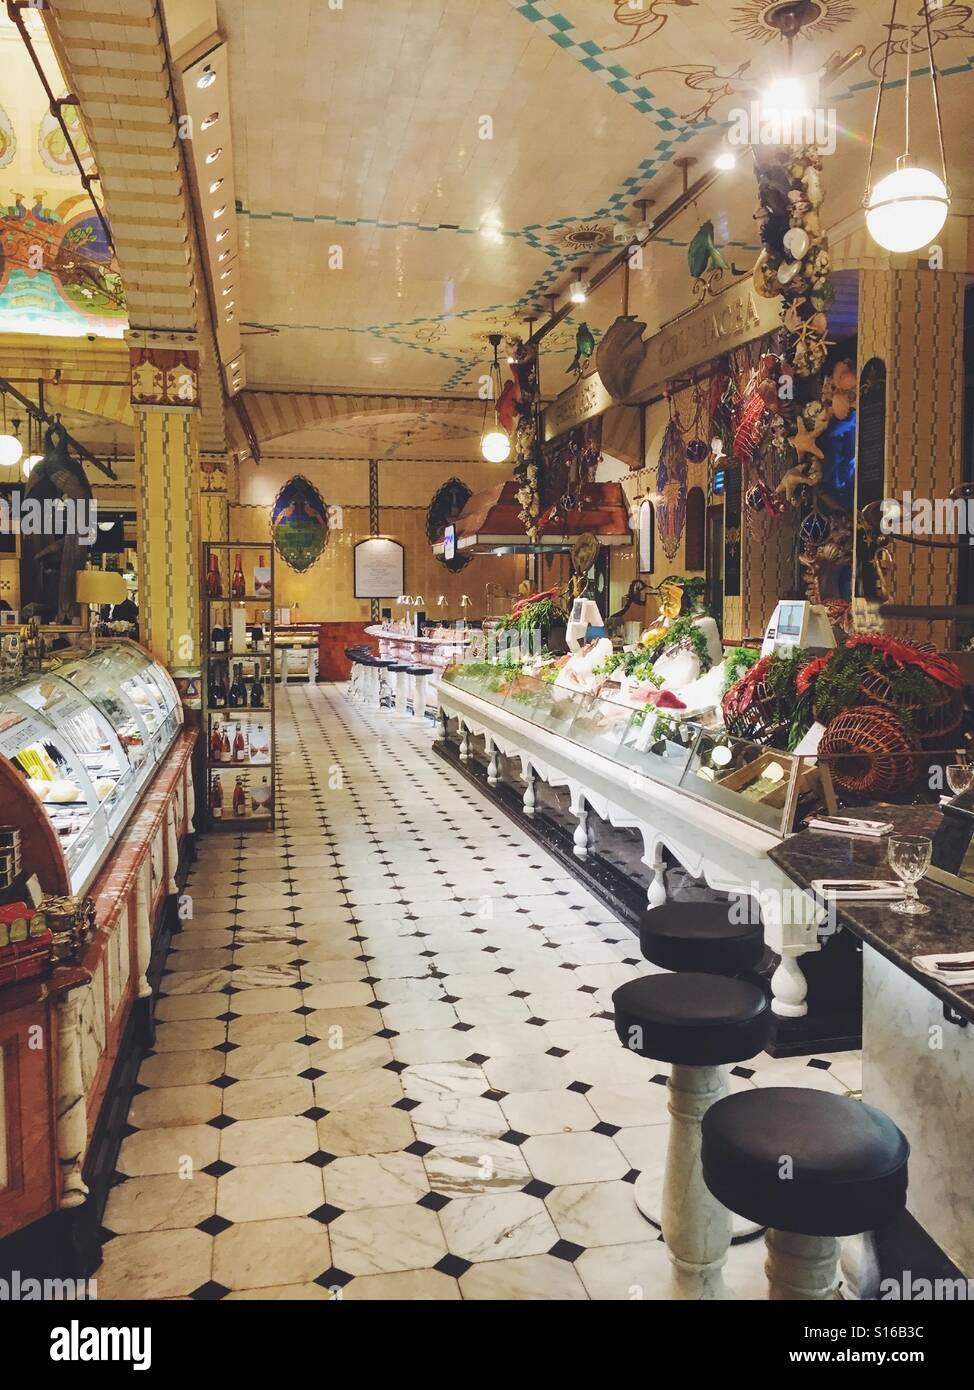 Interieur von Harrods in London UK speichern Stockfoto, Bild ...